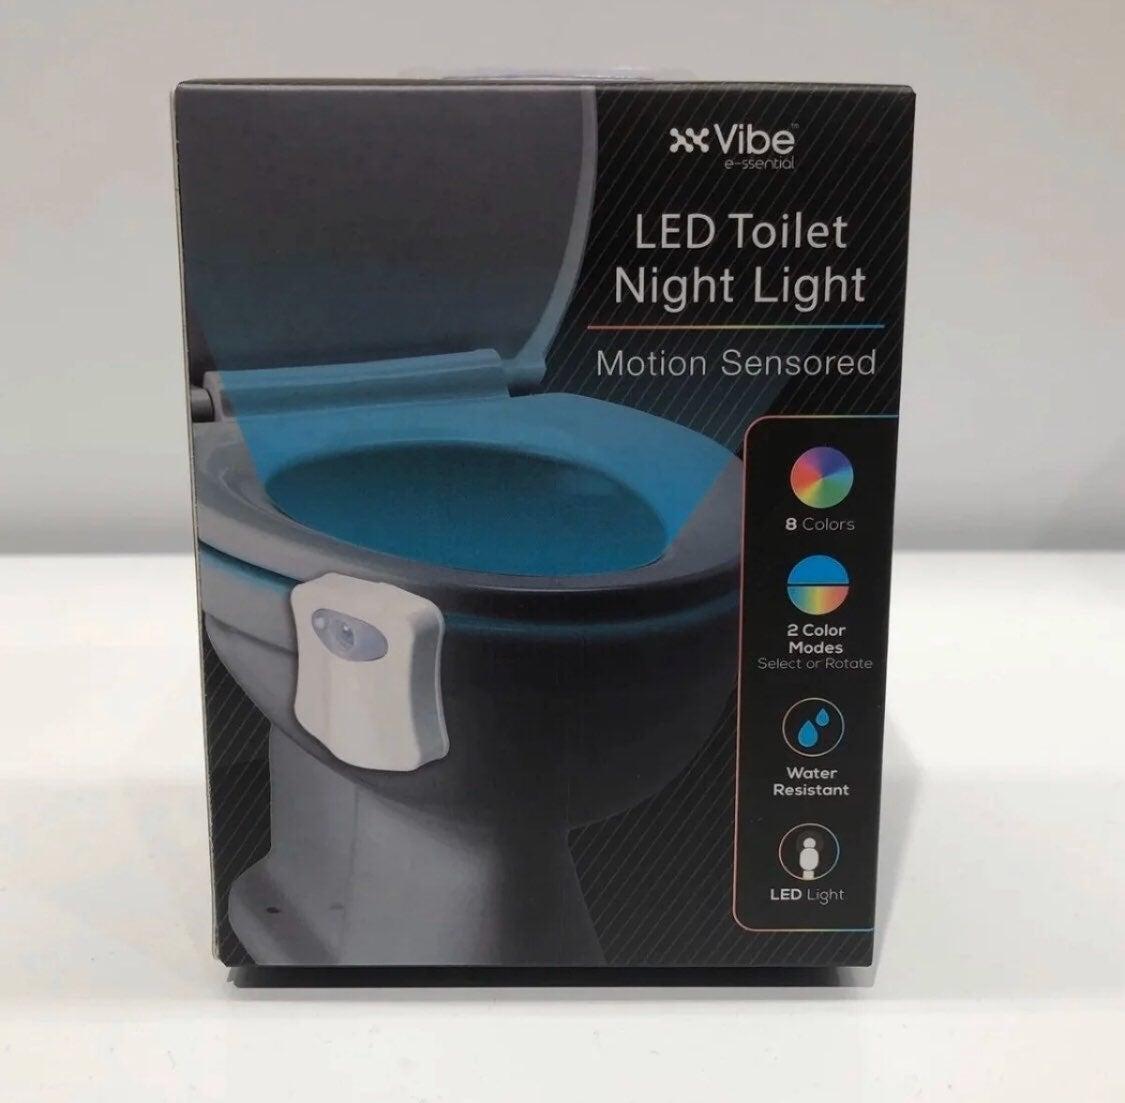 NEW LED Motion Sensor Toilet Night Light